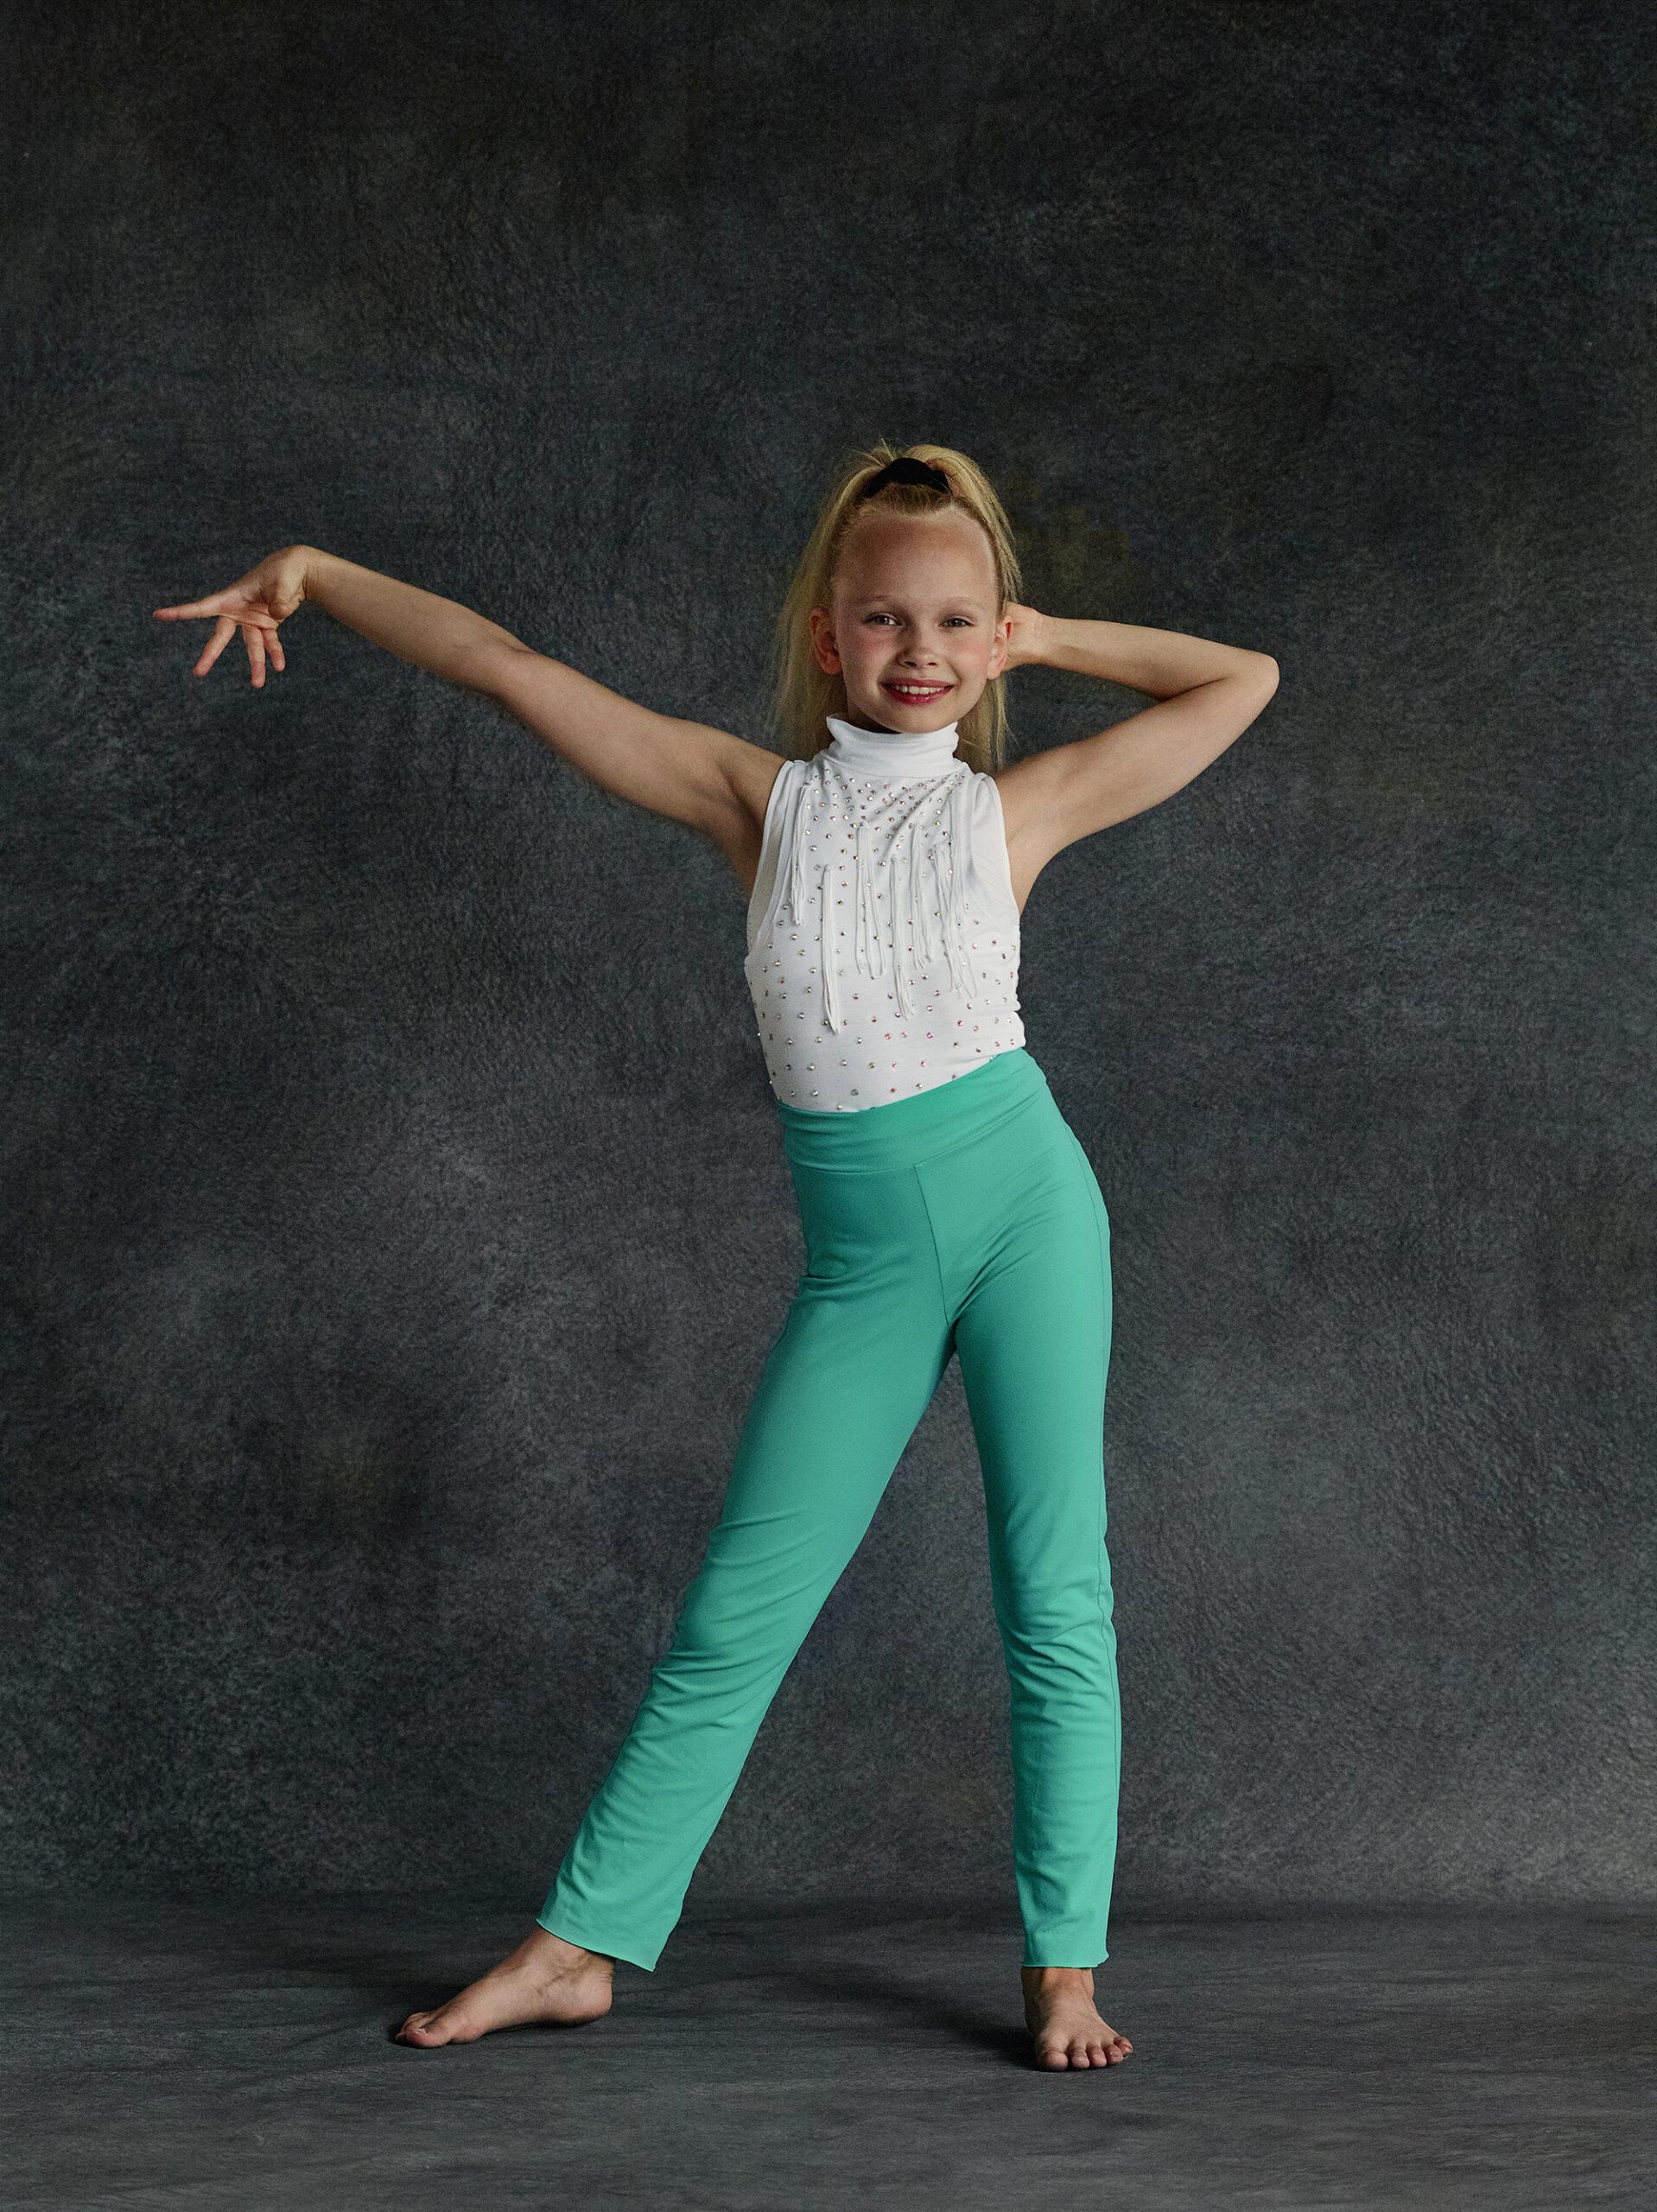 Nuori tanssijatyttö poseeraa.